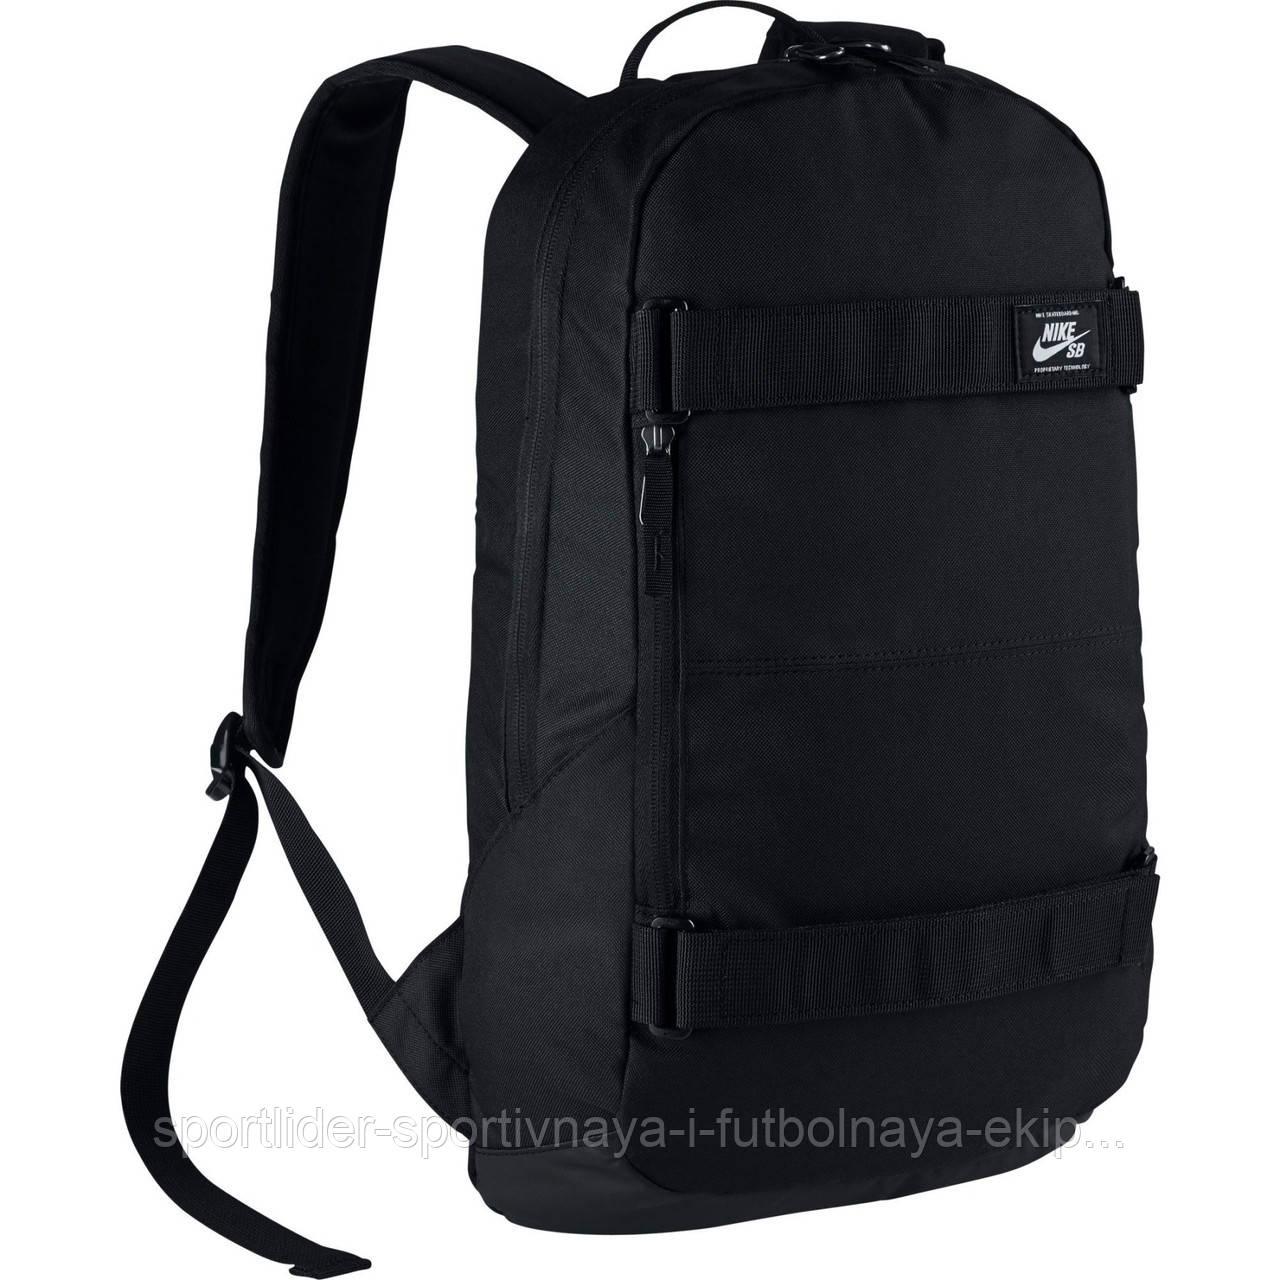 19f683000 Рюкзак Nike SB Courthouse Backpack BA5305-010 - Sport-Leader в Киеве